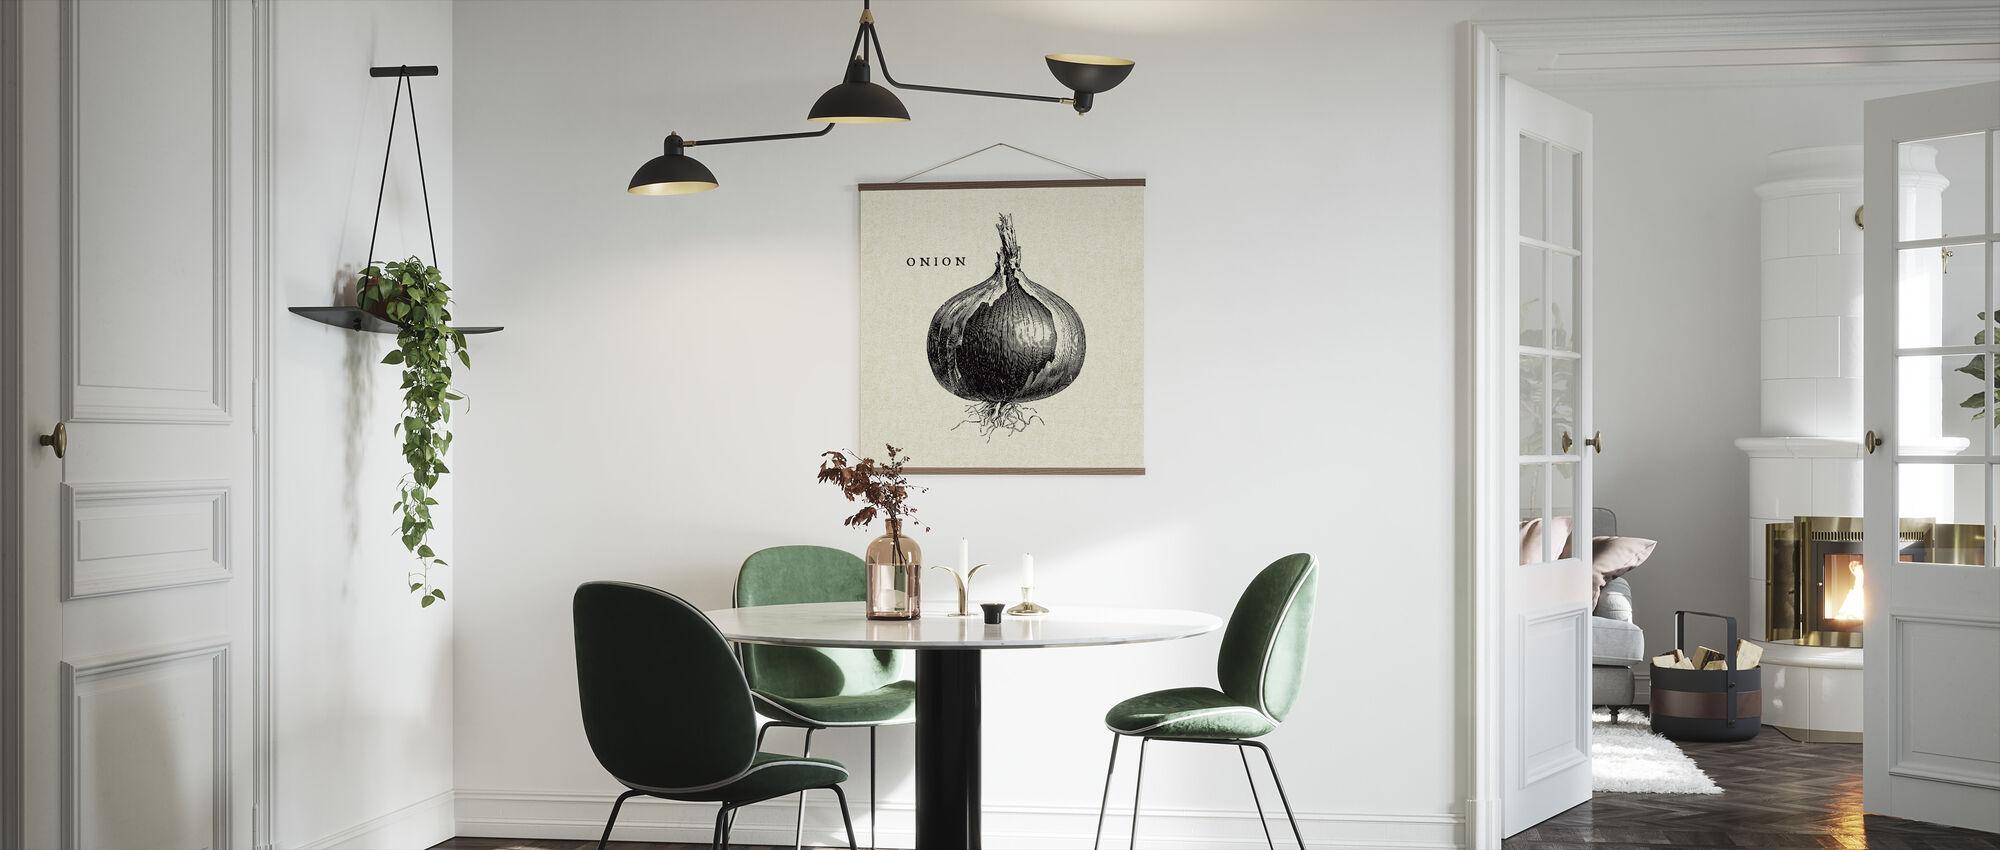 Kitchen Illustration - Onion - Poster - Kitchen